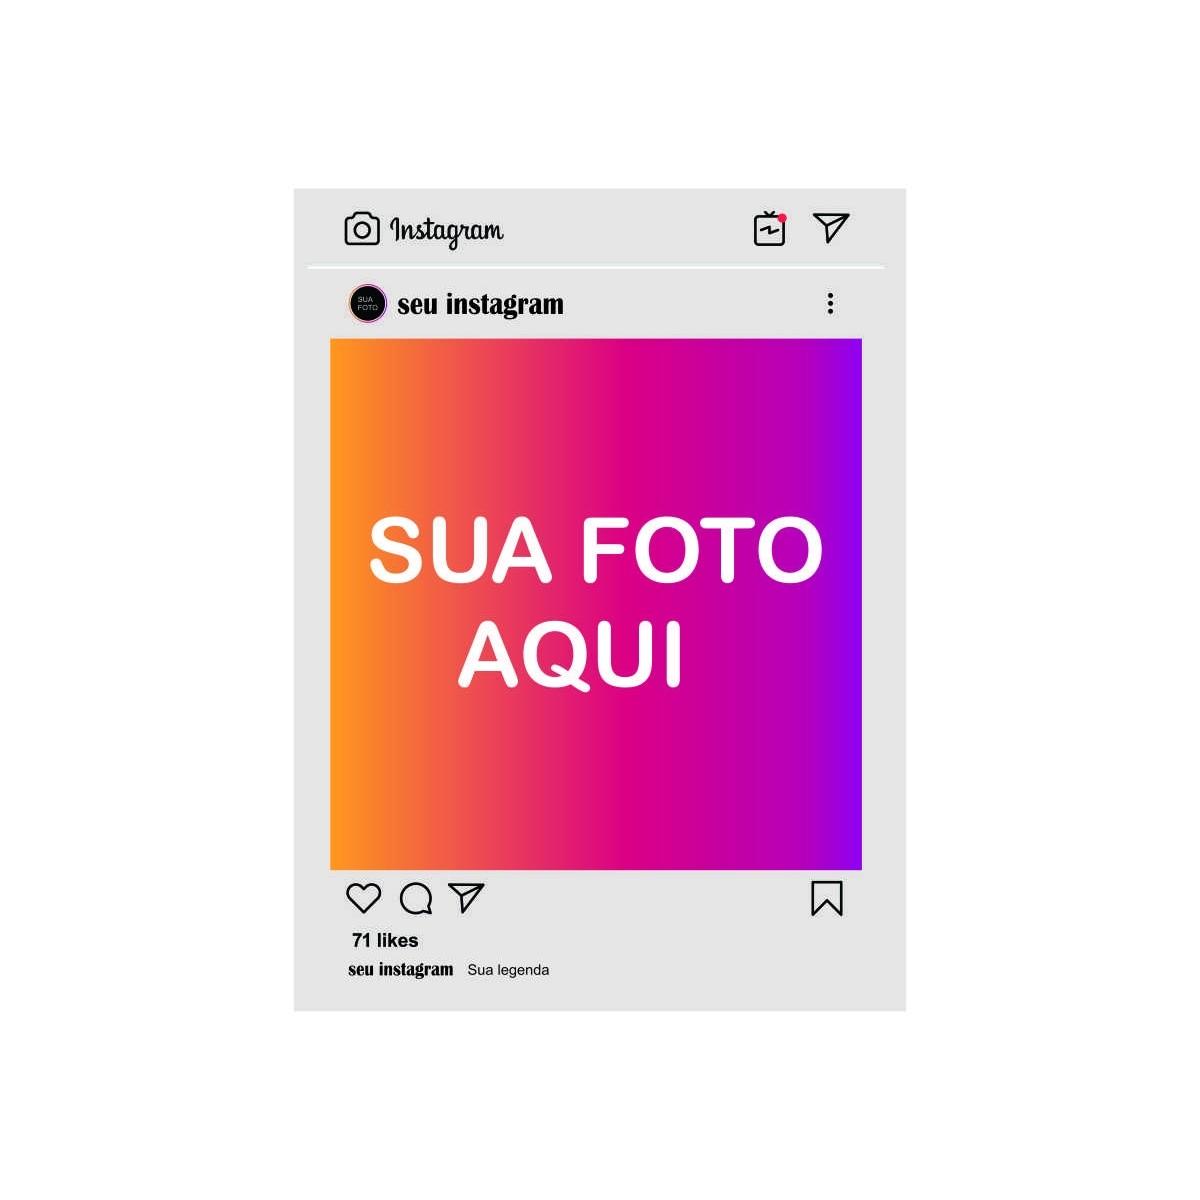 Quadro - Instagram Personalizado - Influencer, Instagraamer. Escolha sua Foto - 30x20cm